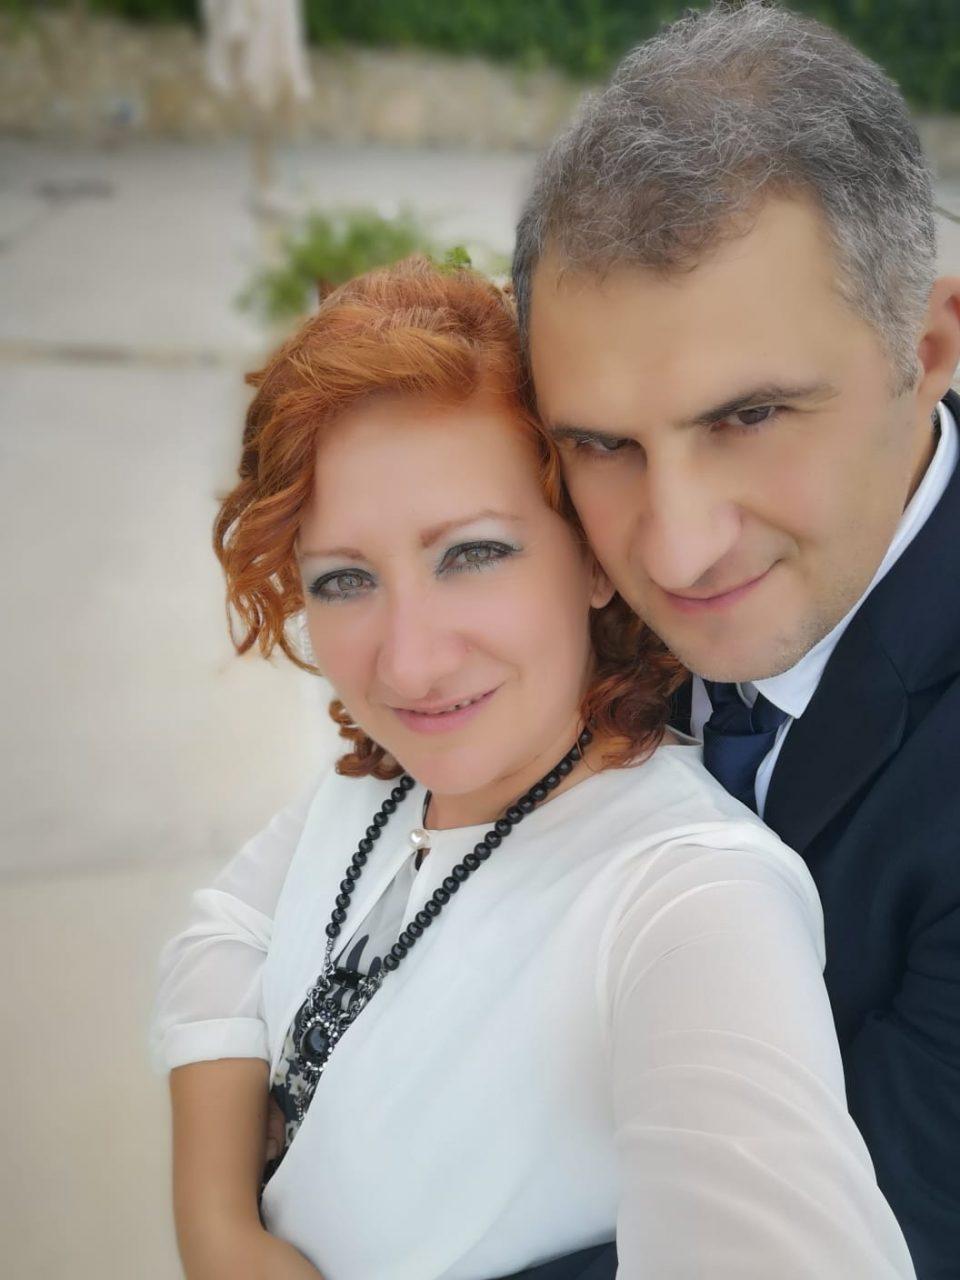 Poi il mio compagno, per il suo immenso amore e il suo sostegno, in ogni cosa che faccio.